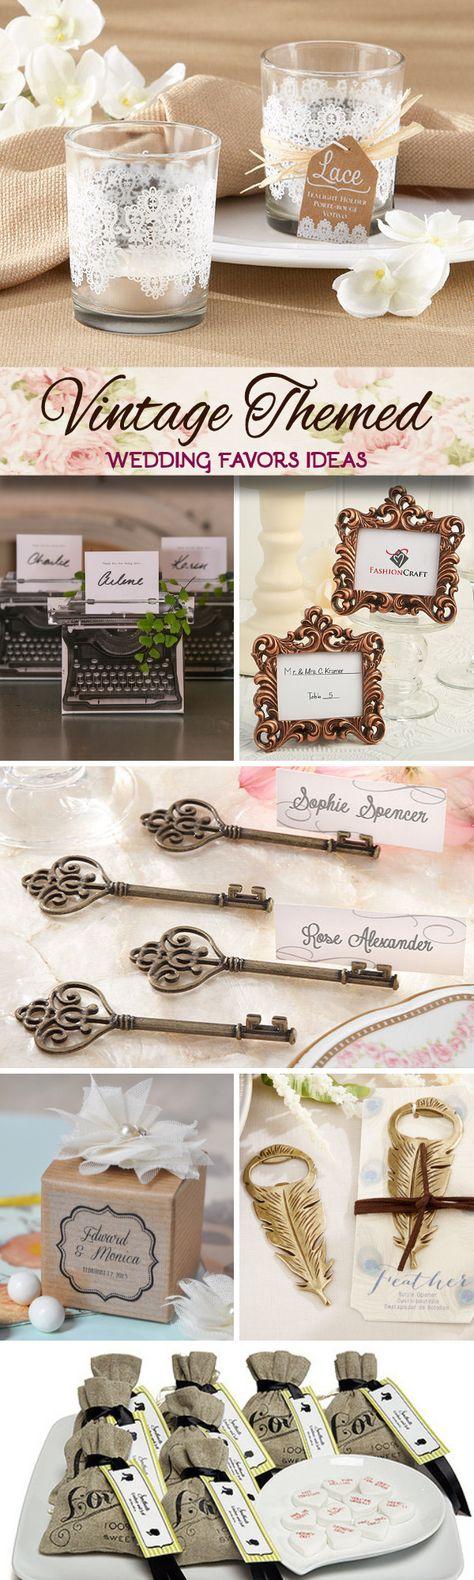 Vintage Themed Wedding Favor Ideas | Mariage Diy déco idées ...